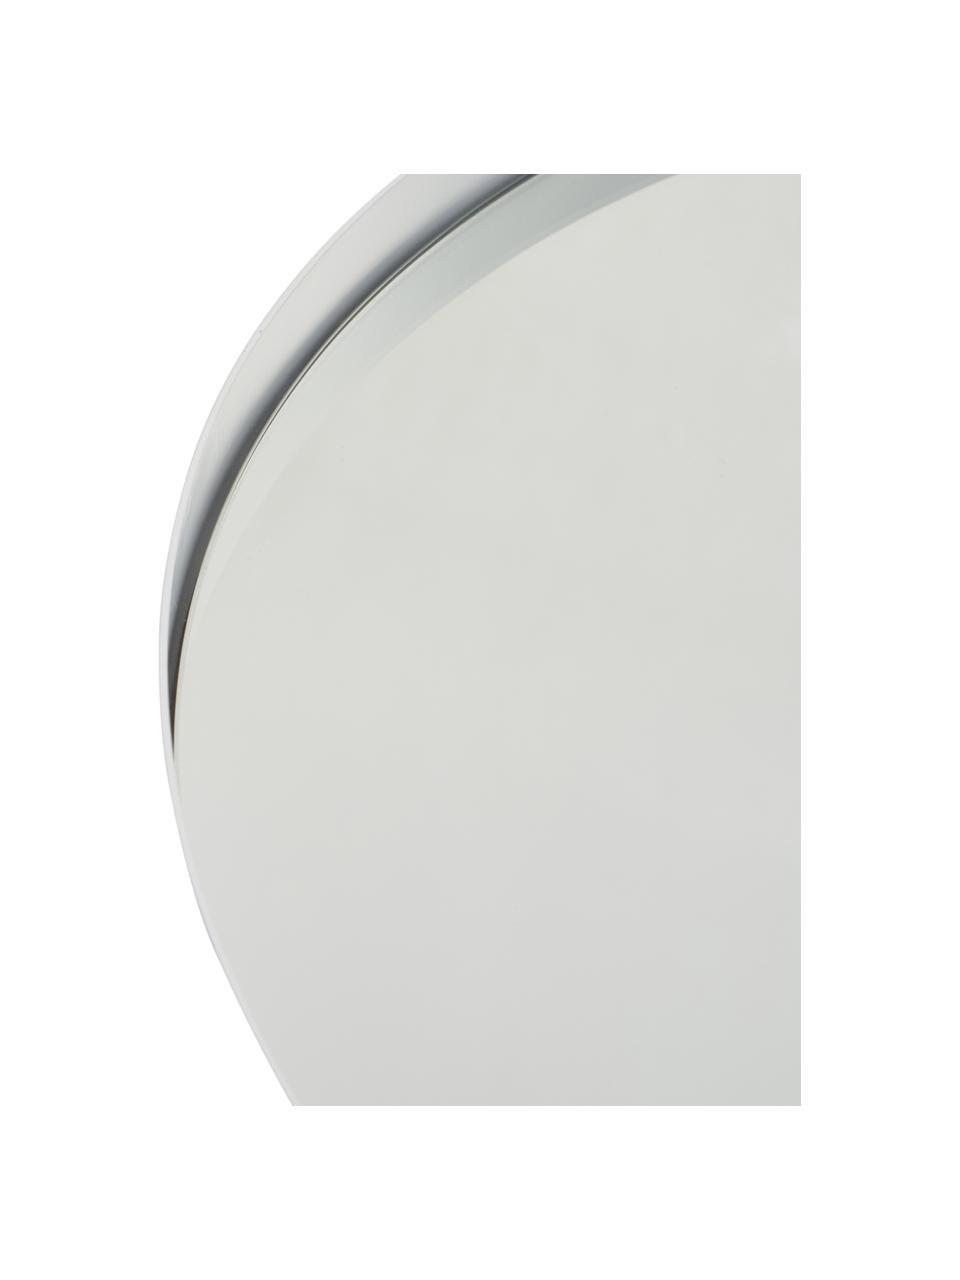 Ronde wandspiegel Ivy met witte lijst, Lijst: gepoedercoat metaal, Wit, Ø 55 cm